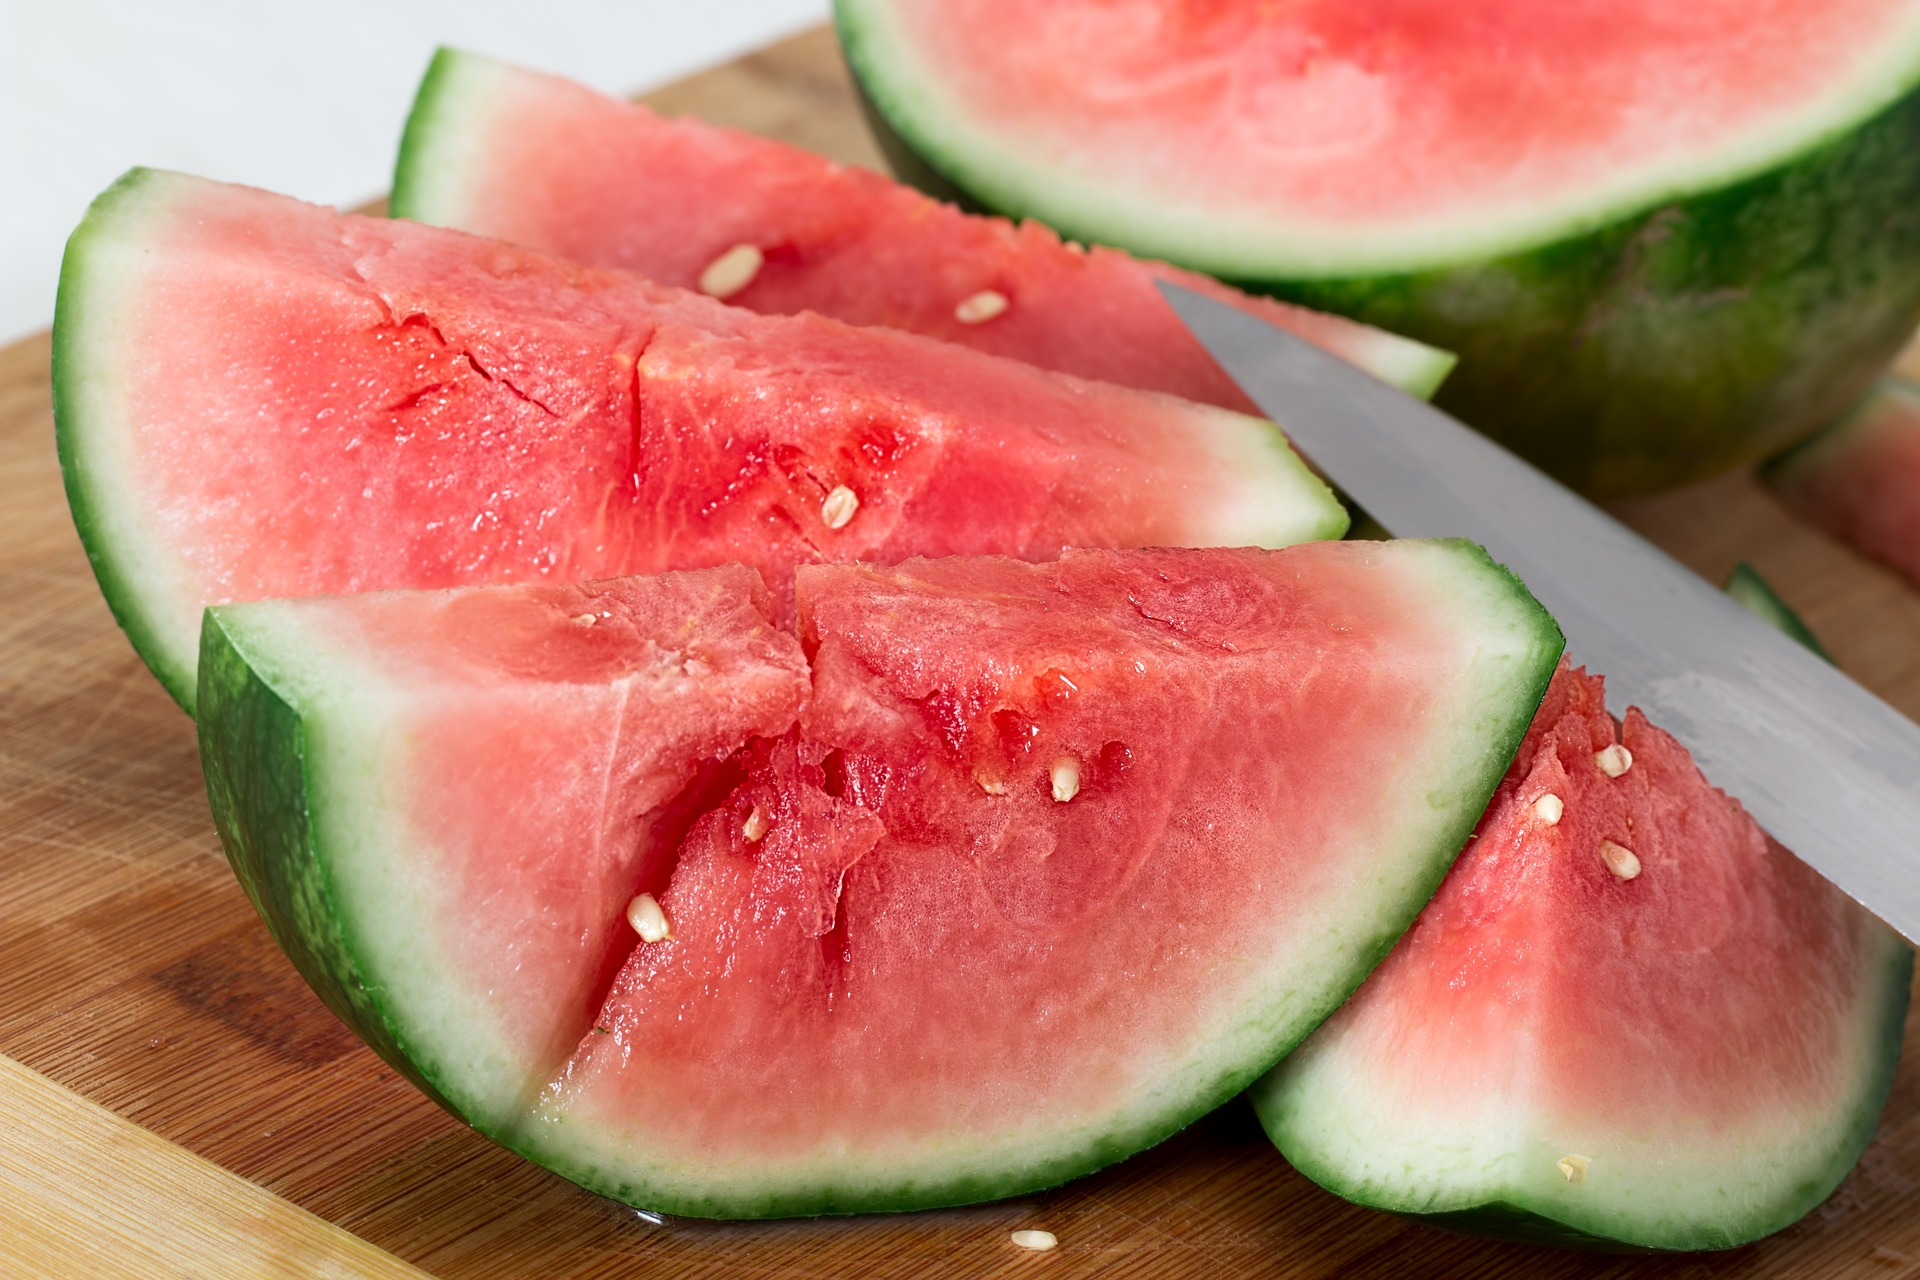 watermelon-1969949_1920.jpg